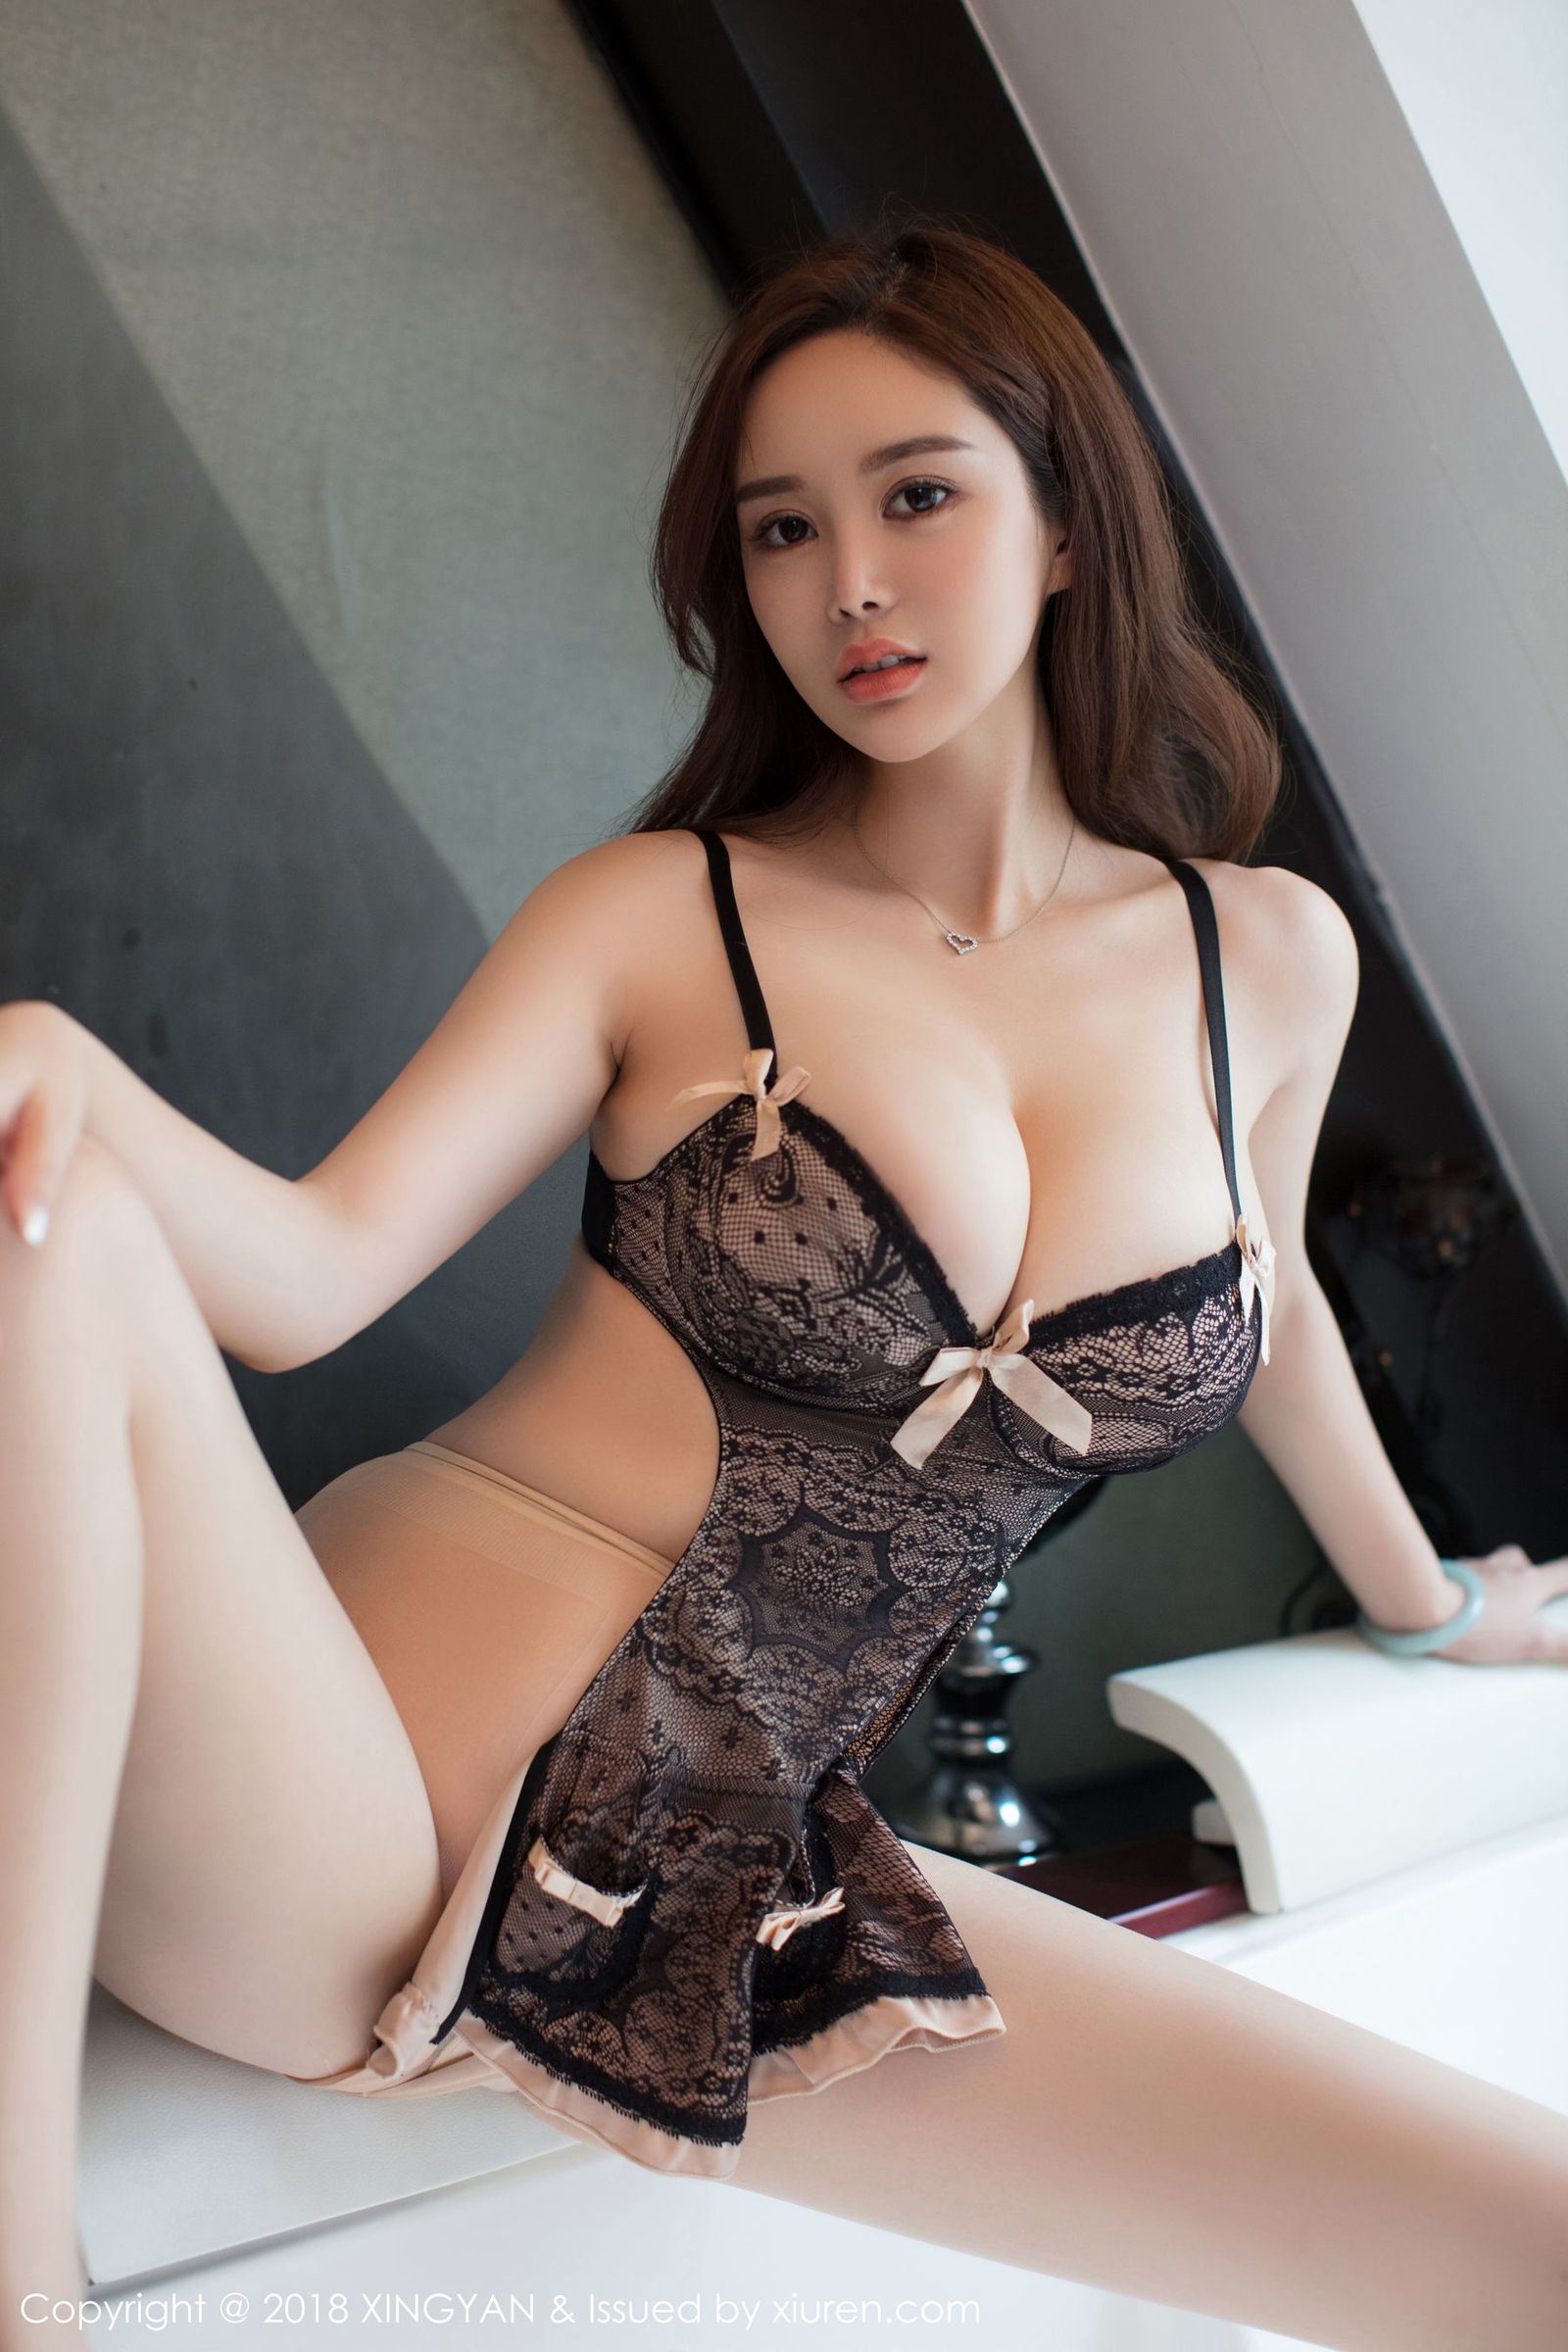 巨乳女神@易阳Silvia性感丝袜写真